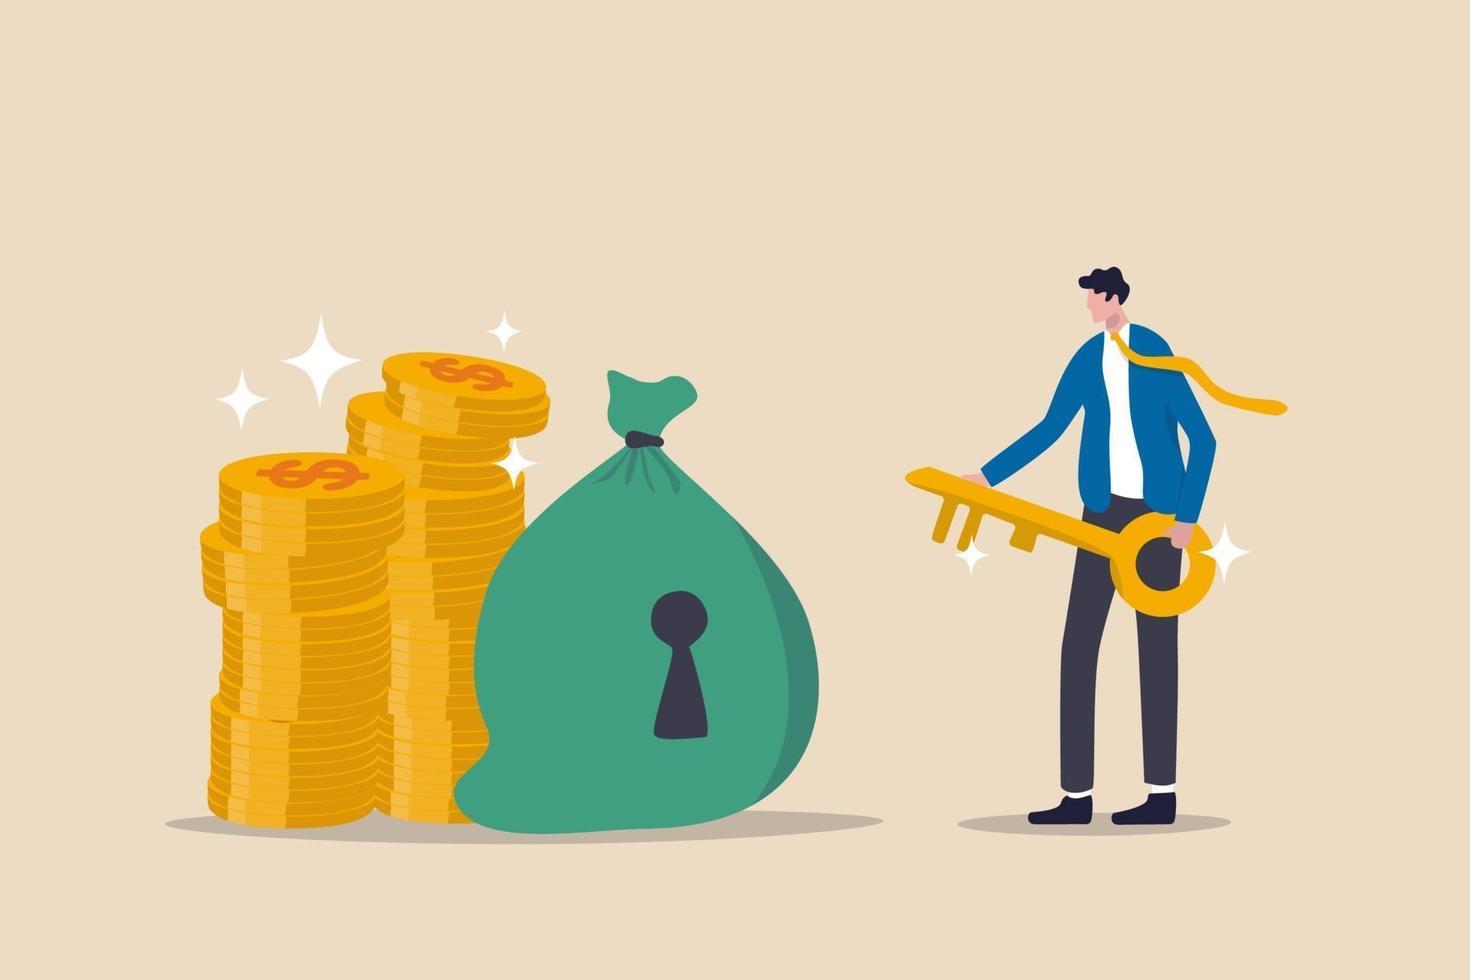 finansiell nyckel framgång, säker tillflyktsort för investeringar eller kapitalförvaltare att hantera pengar koncept, framgång affärsman finans rådgivare håller gyllene nyckel för pengar väska med nyckelhål och guld pengar mynt stack vektor